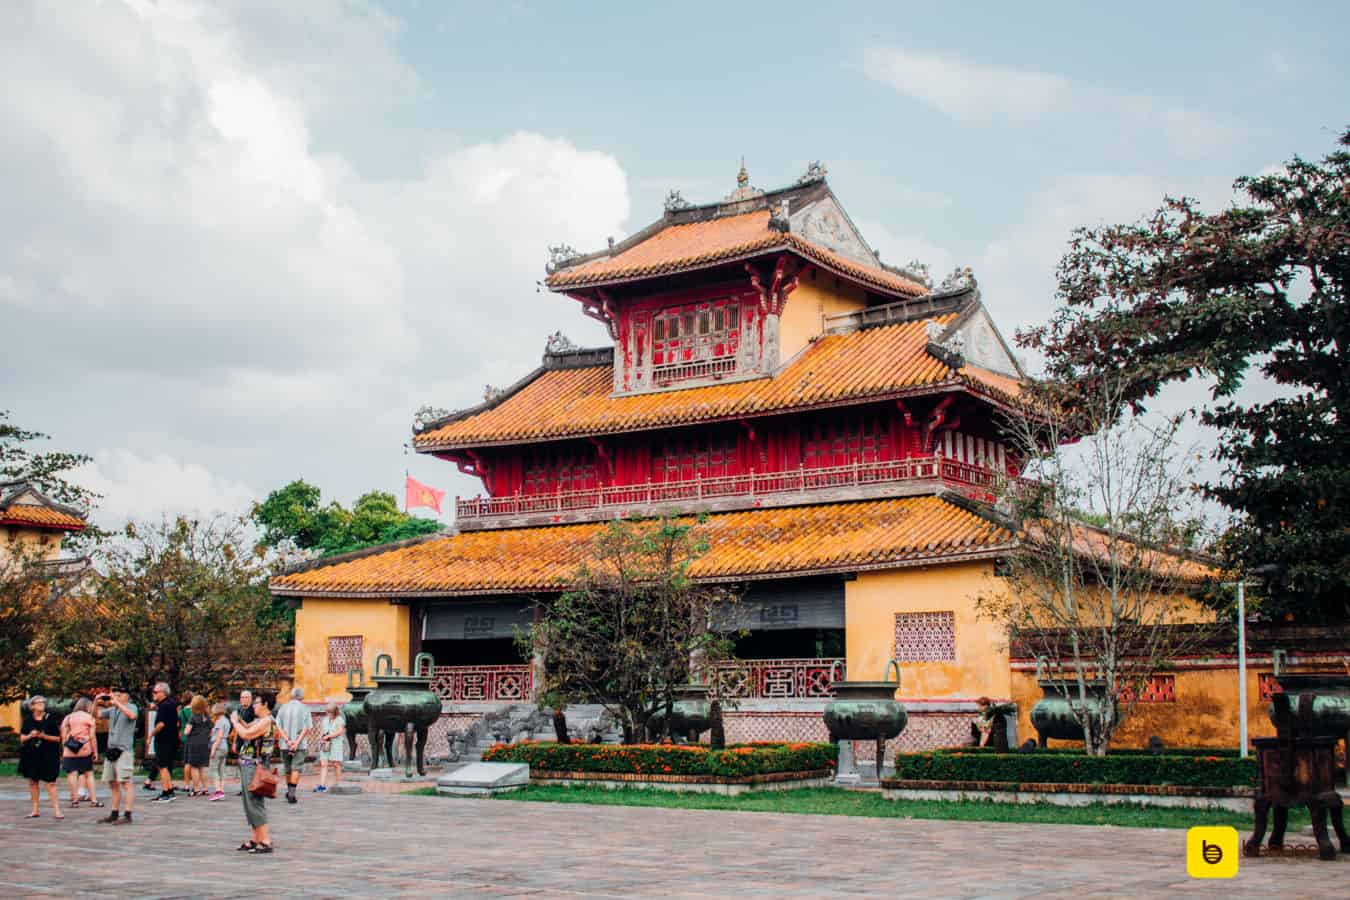 Hien Lam Pavilion